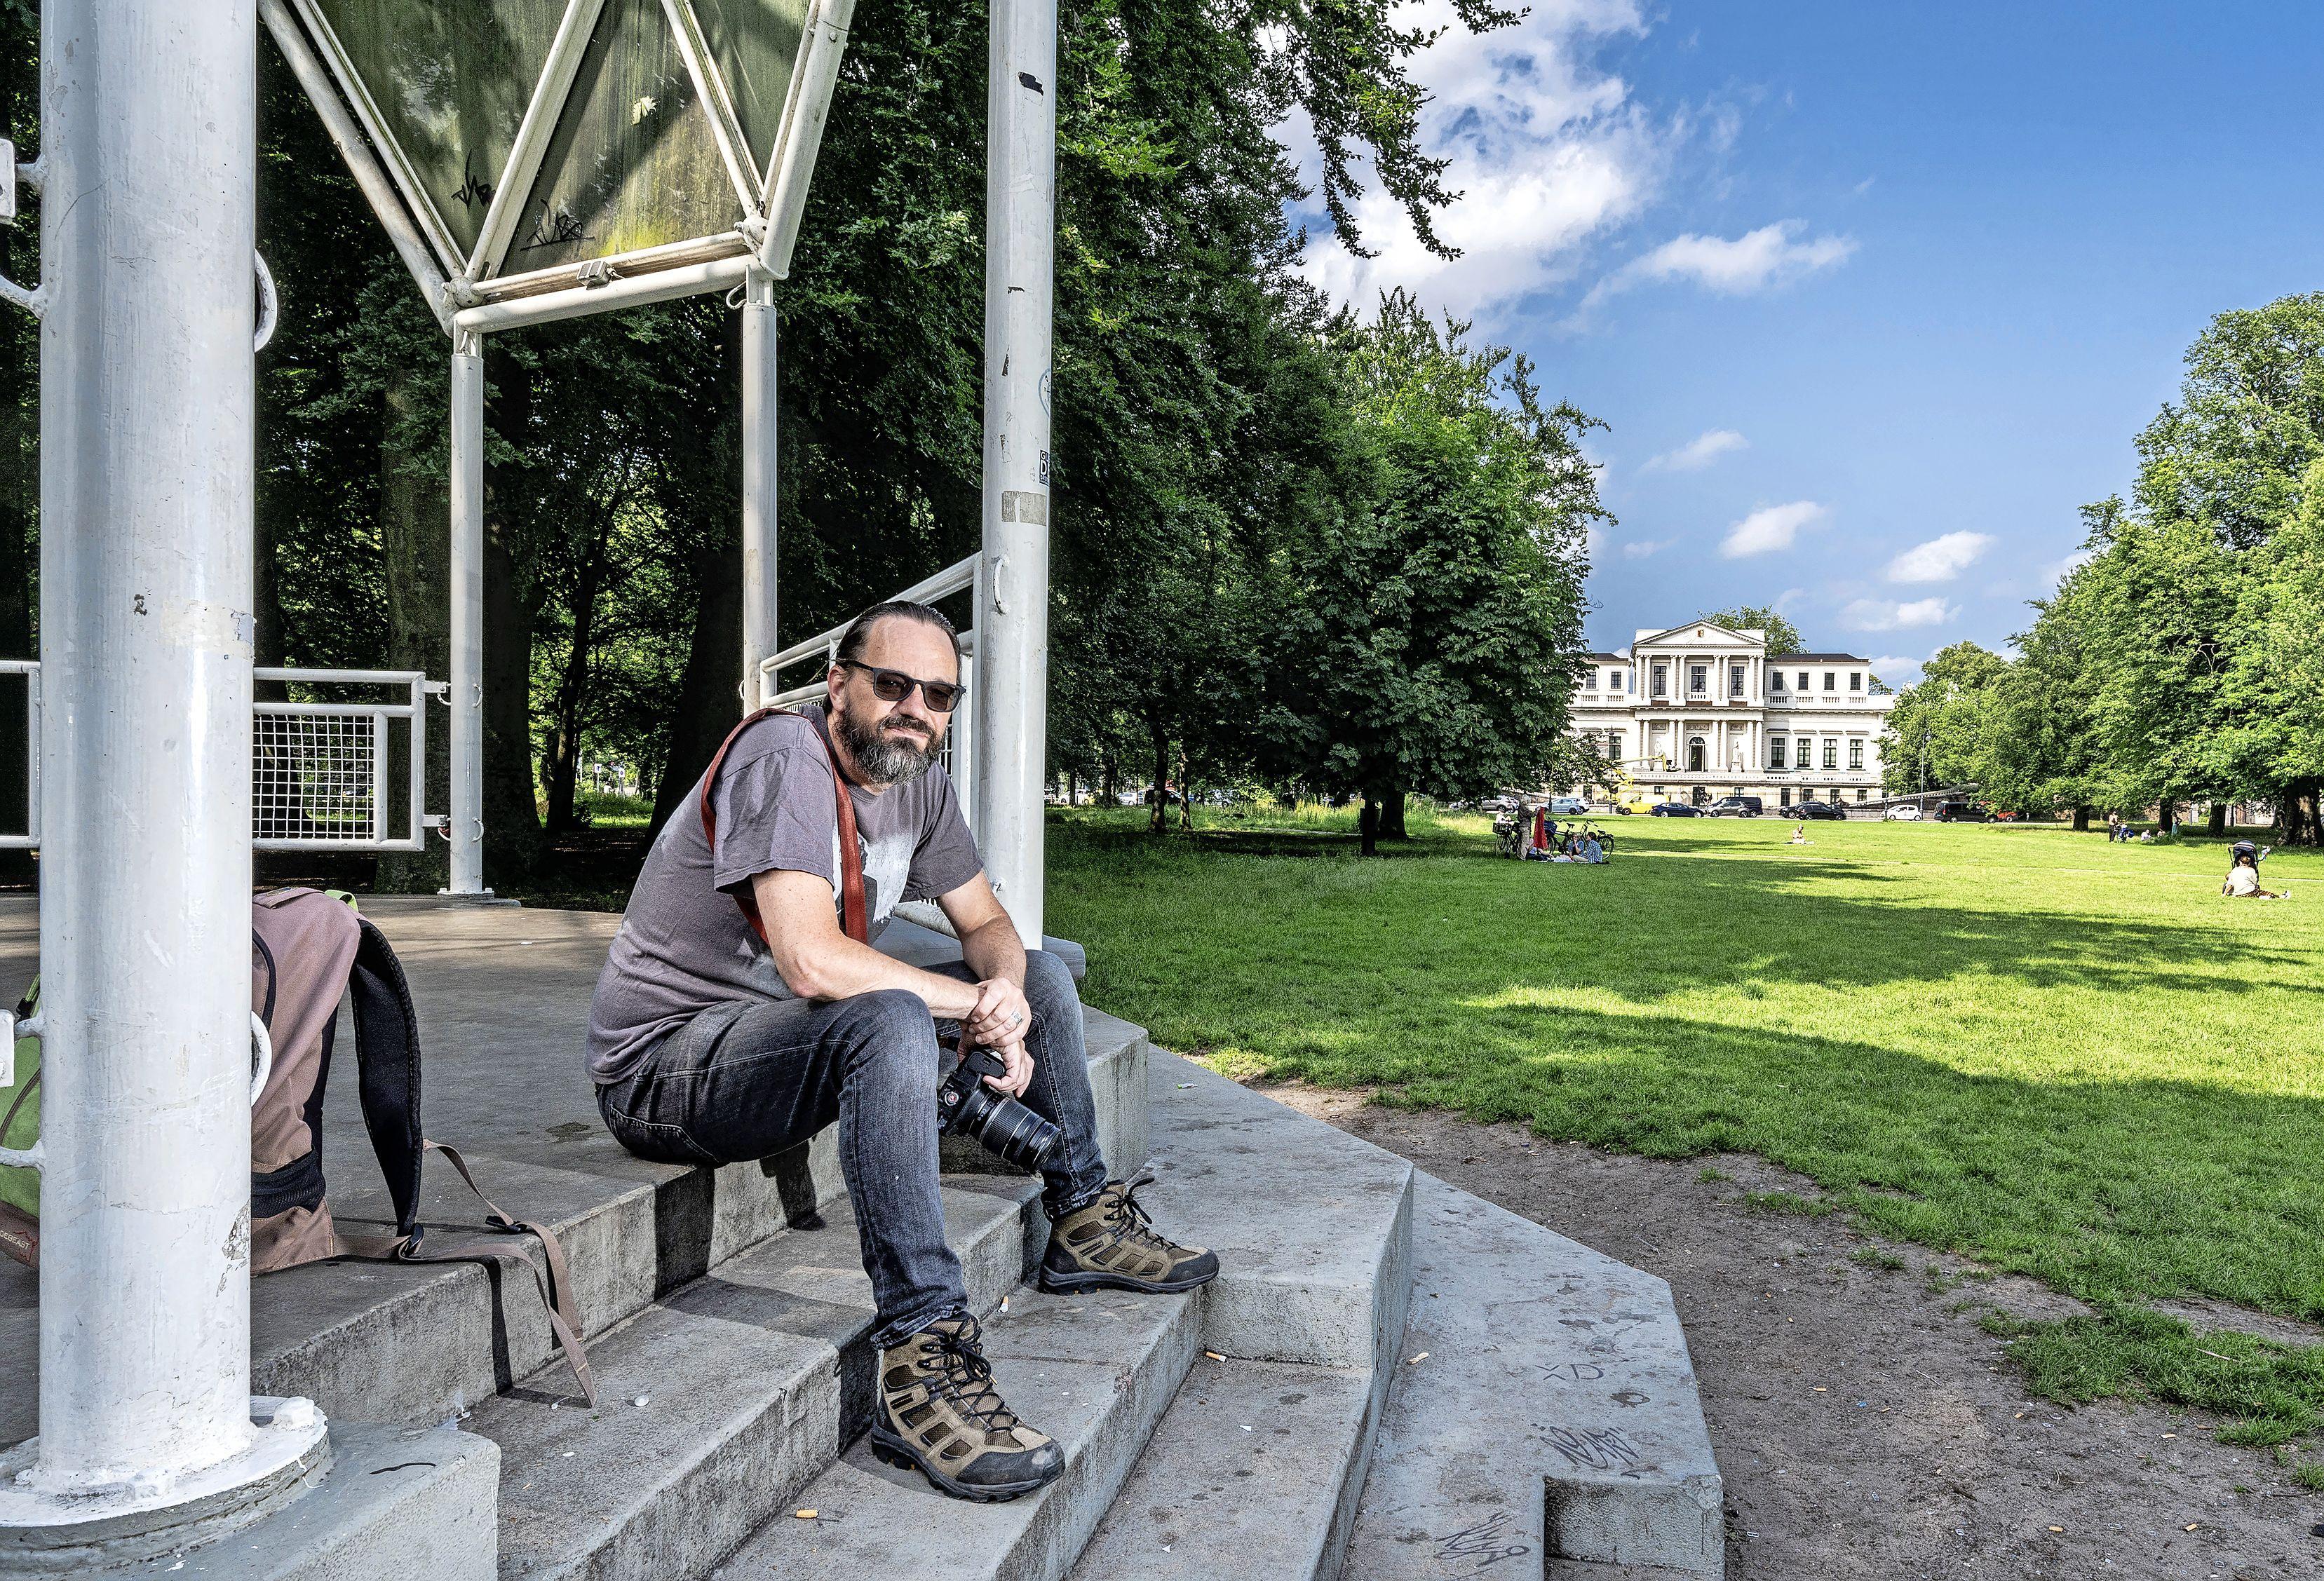 Haarlem door de ogen van evenementenfotograaf Franklin van der Erf. 'Ik wil dat de mensen die er níet zijn geweest denken 'daar had ik bij willen zijn'